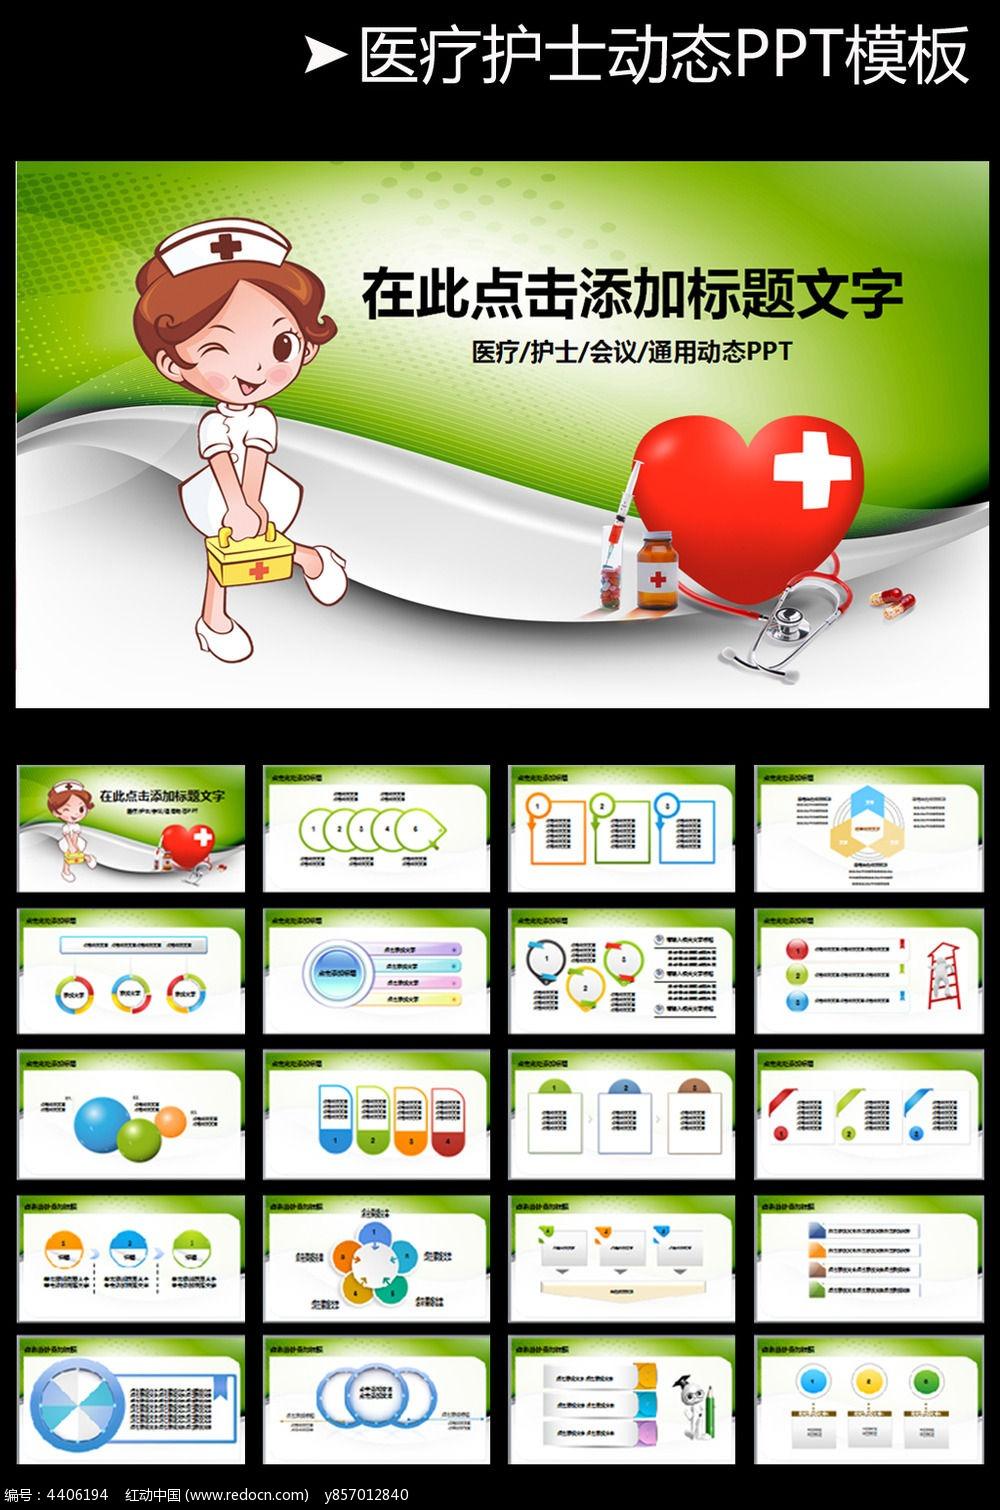 :医院 医生 护士长 竞聘 简历 制药厂 医药ppt 医疗 药品 医院ppt背景